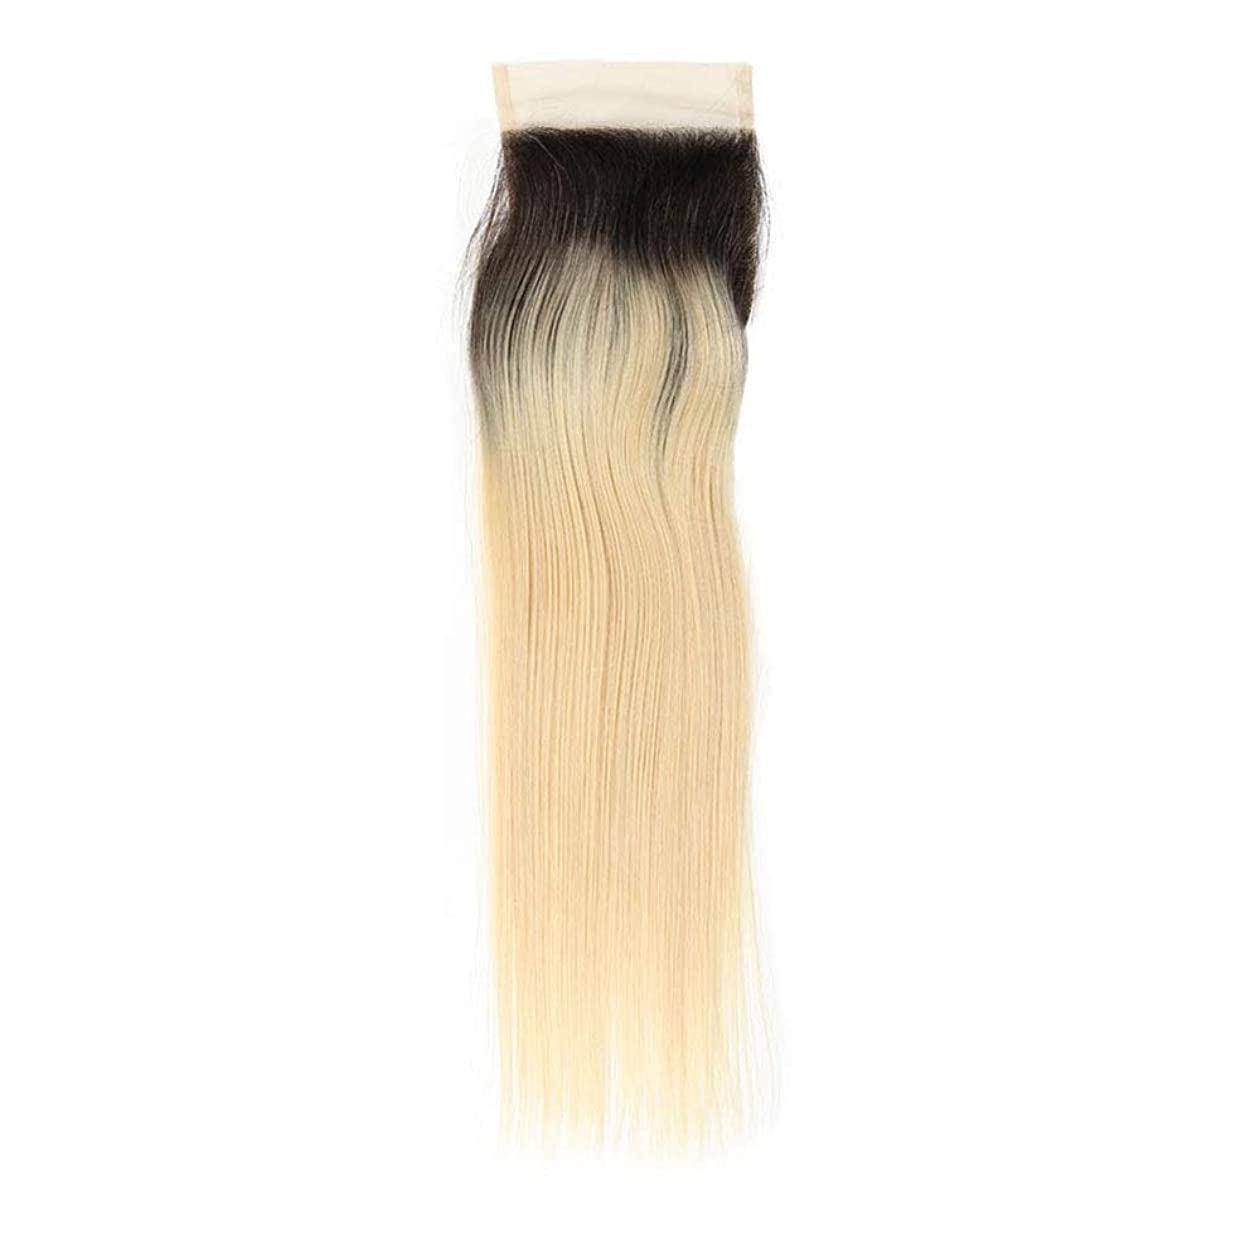 ルーム永久狂信者BOBIDYEE ブラジル髪ブロンド織り1B / 613#ストレート人毛エクステンション13X4フリーパーツレース前頭女性複合かつらレースかつらロールプレイングかつら (色 : Blonde, サイズ : 10 inch)